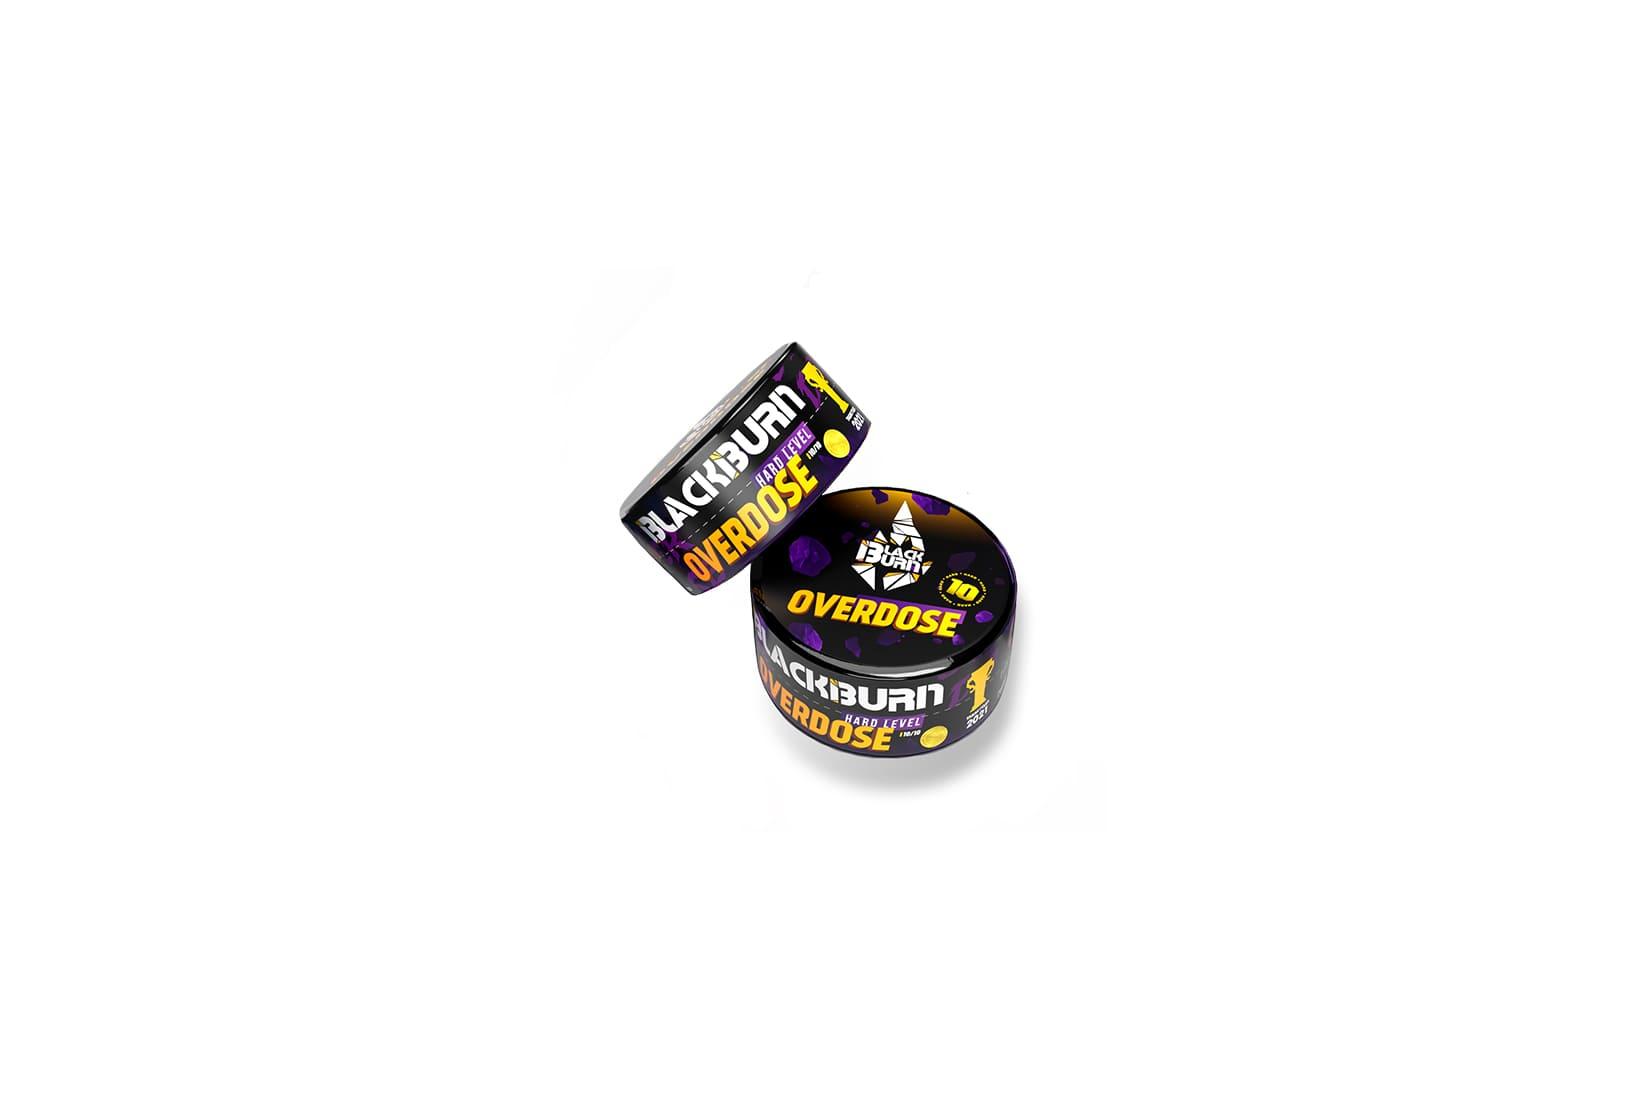 Табак для кальяна Black Burn Overdose – описание, миксы, отзывы